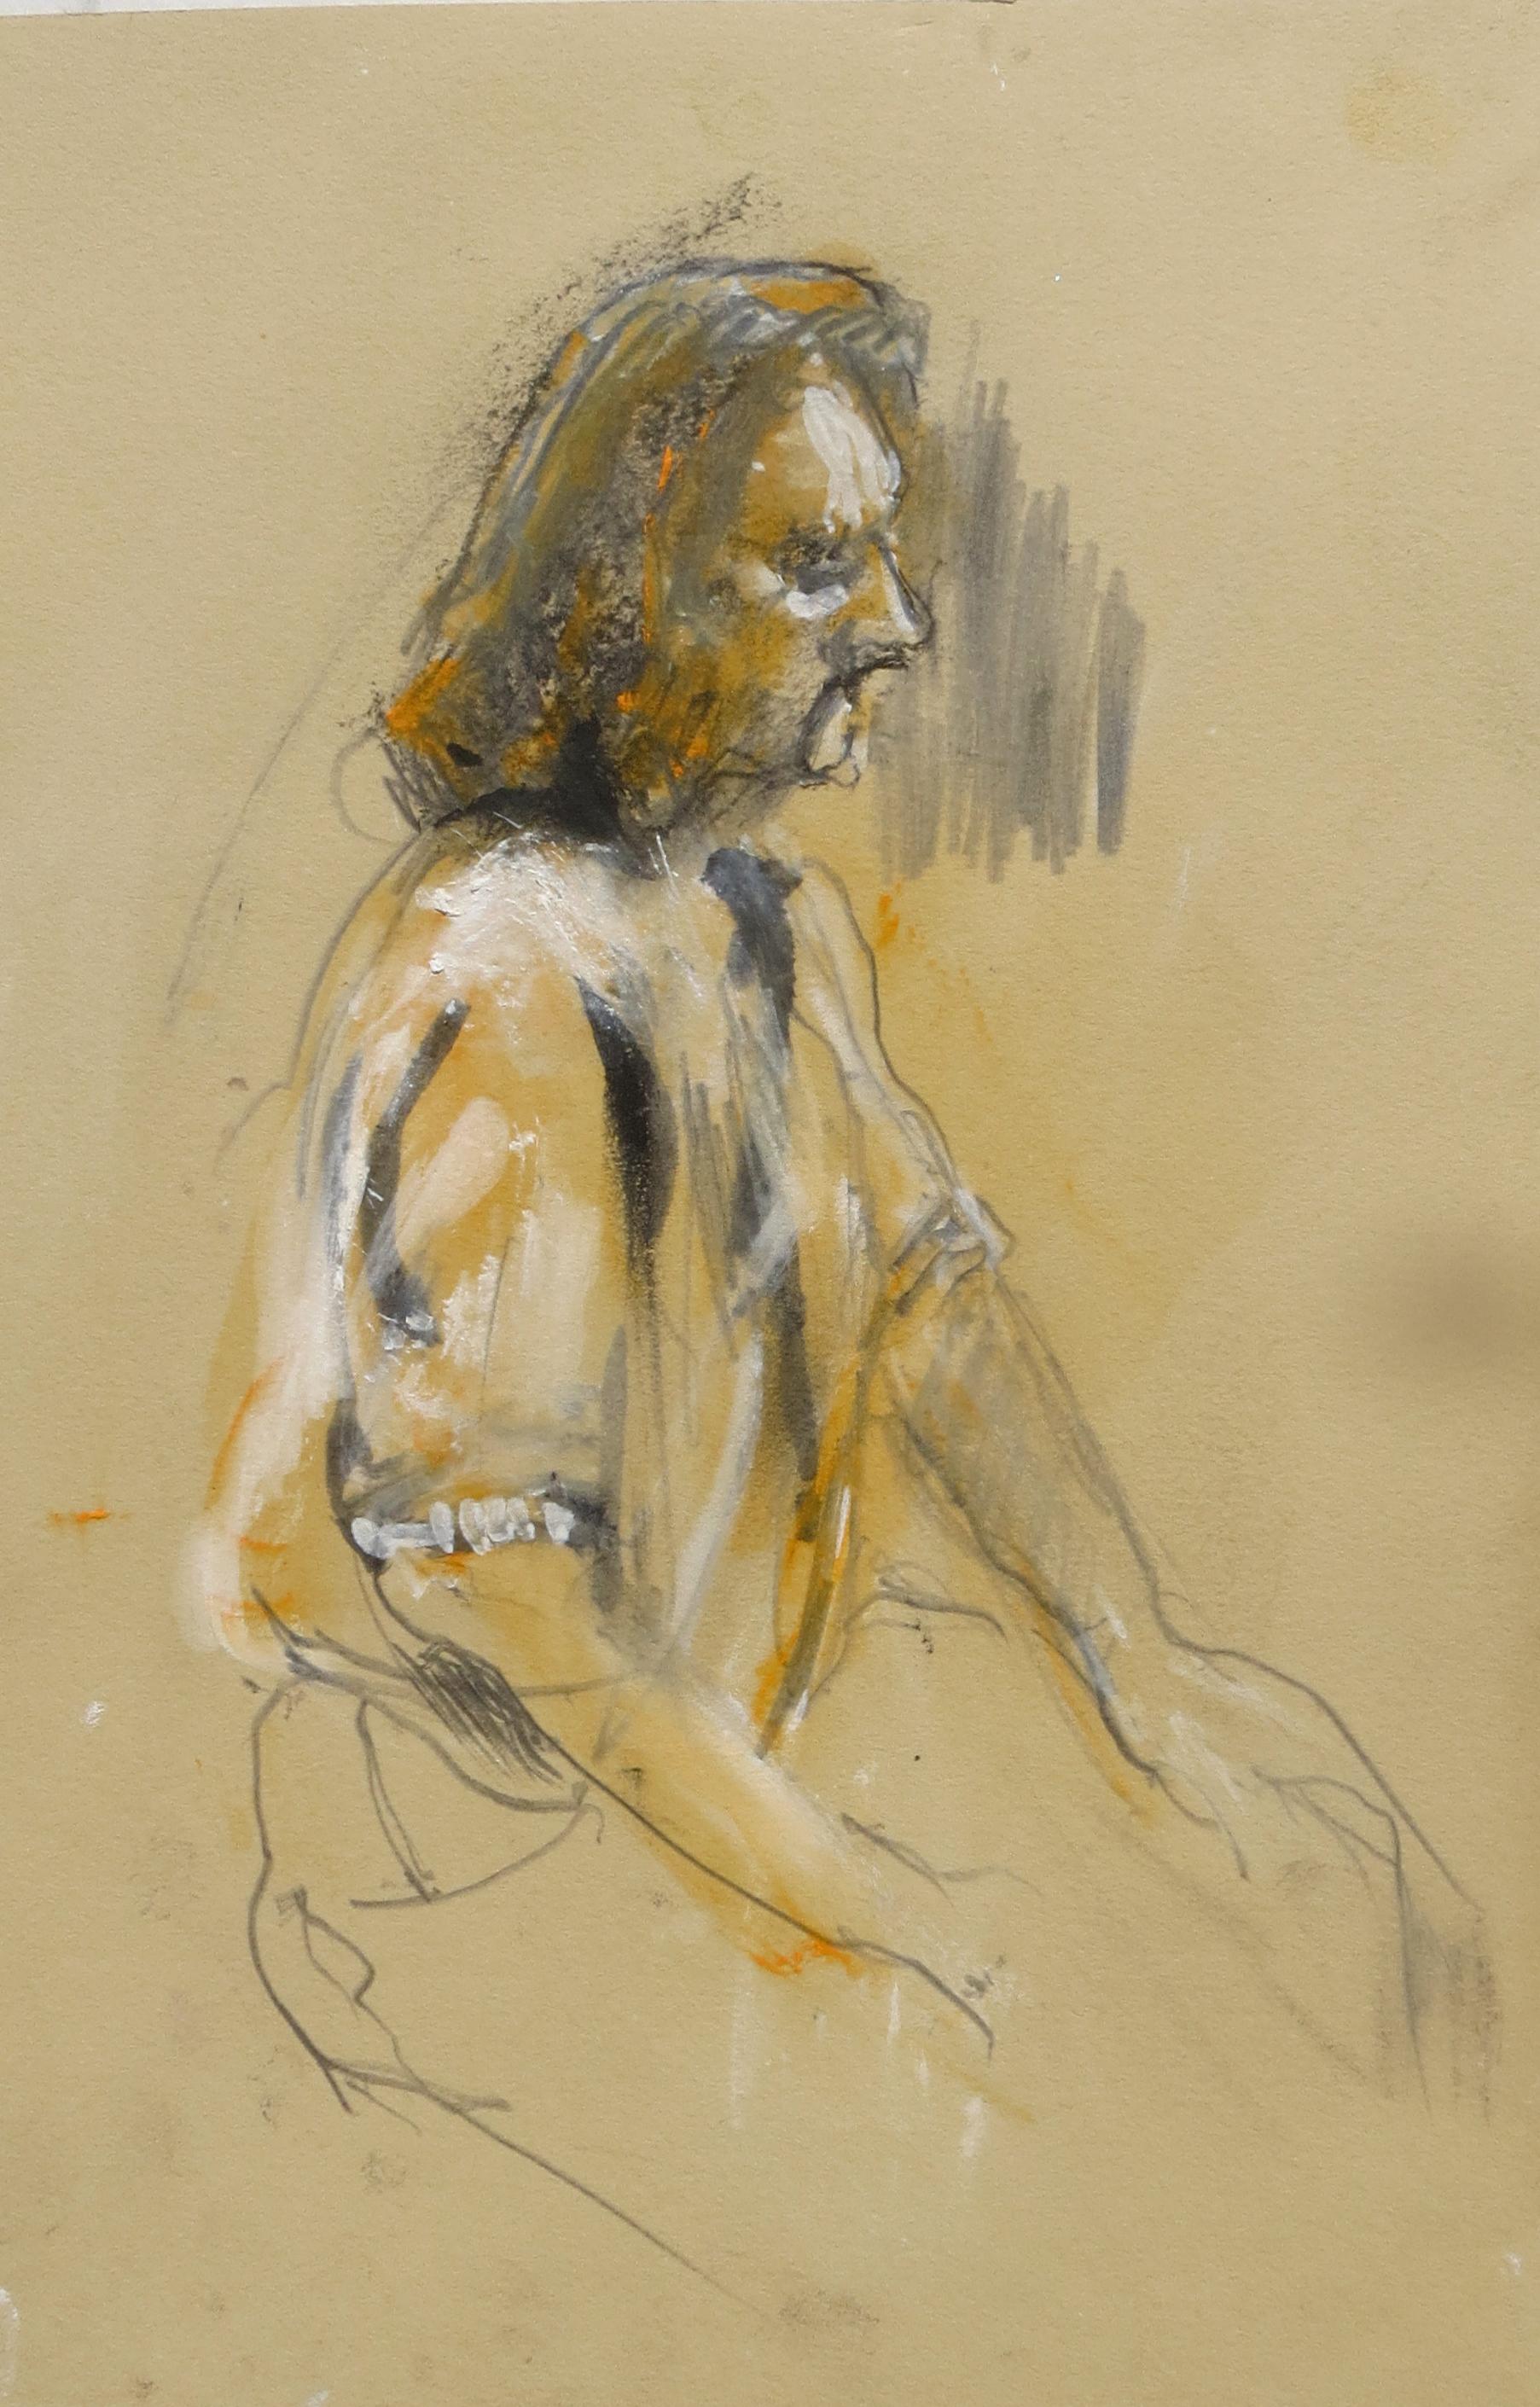 Gerry Wubben by Susanne Vincent